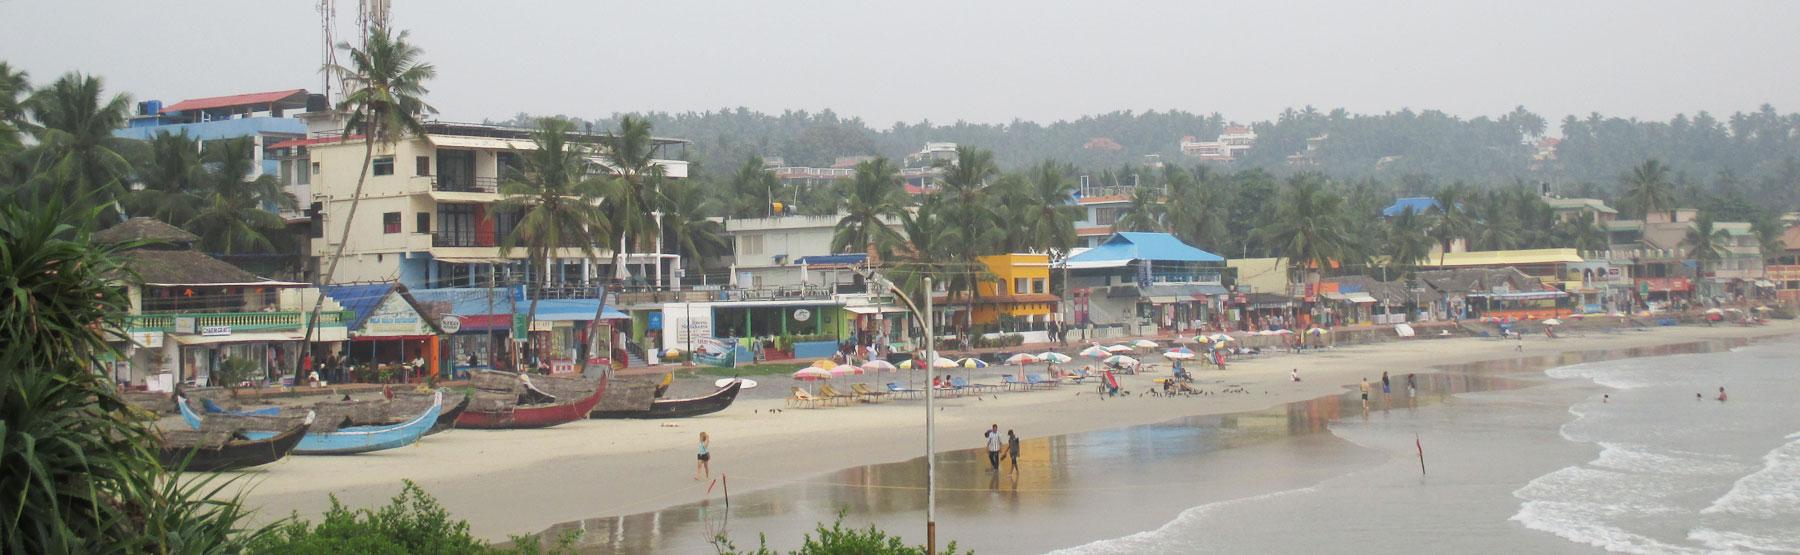 南インド、ケララ州、コヴァラムビーチのホテル「Hotel Sea Face」